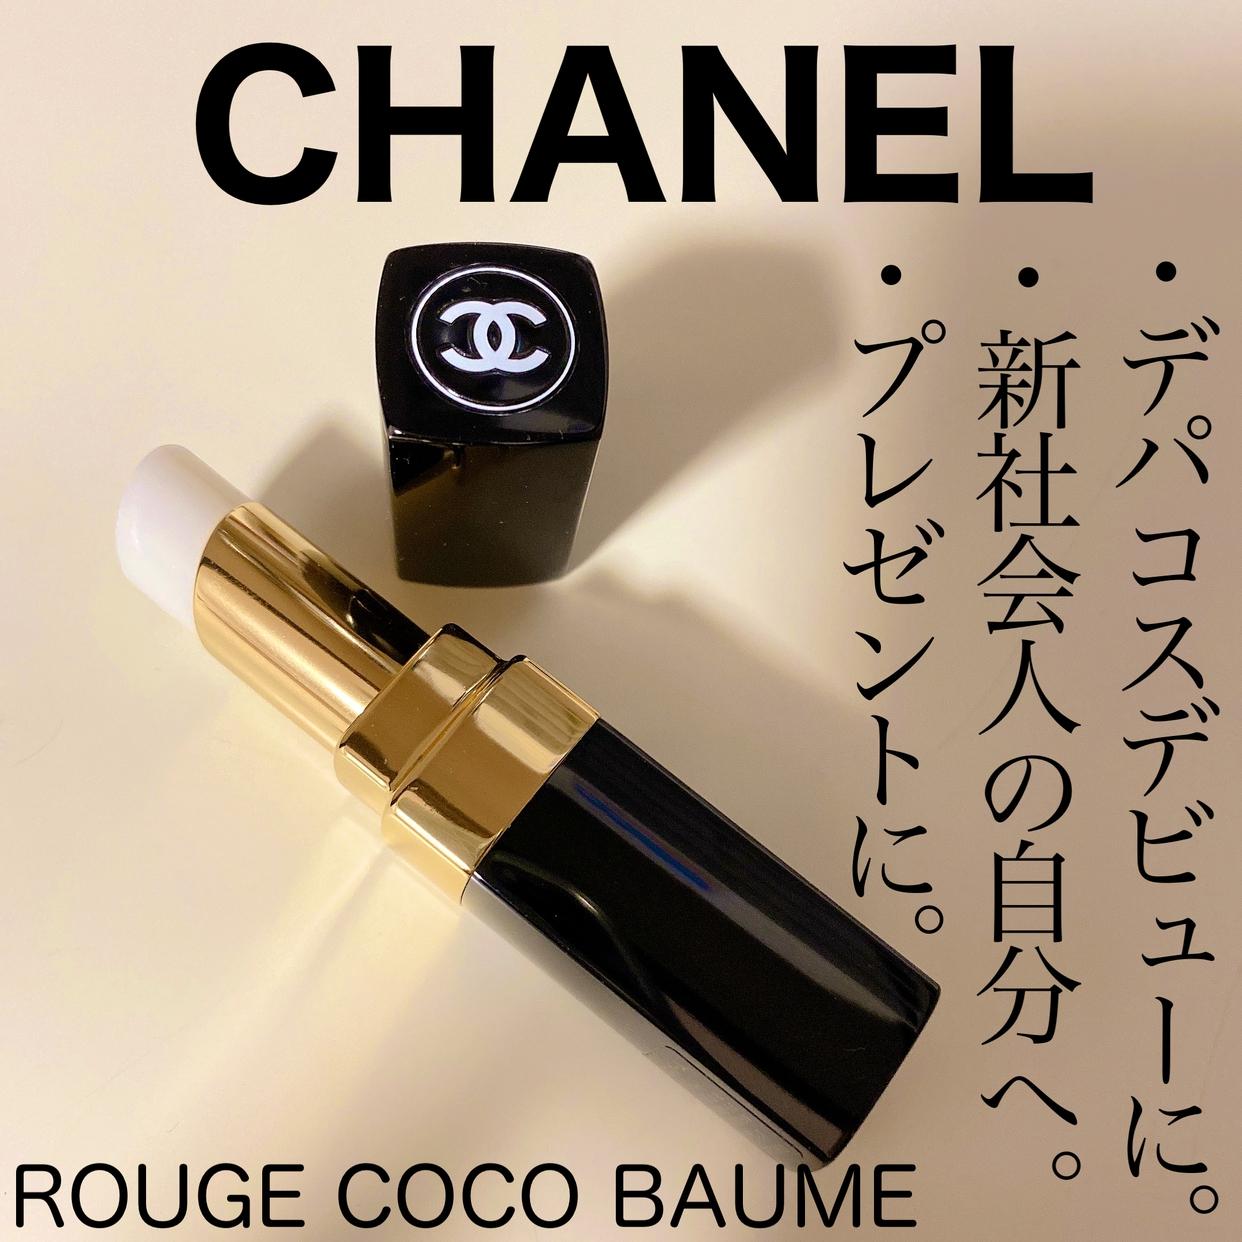 CHANEL(シャネル)ルージュ ココ ボームを使ったOLちゃんさんのクチコミ画像